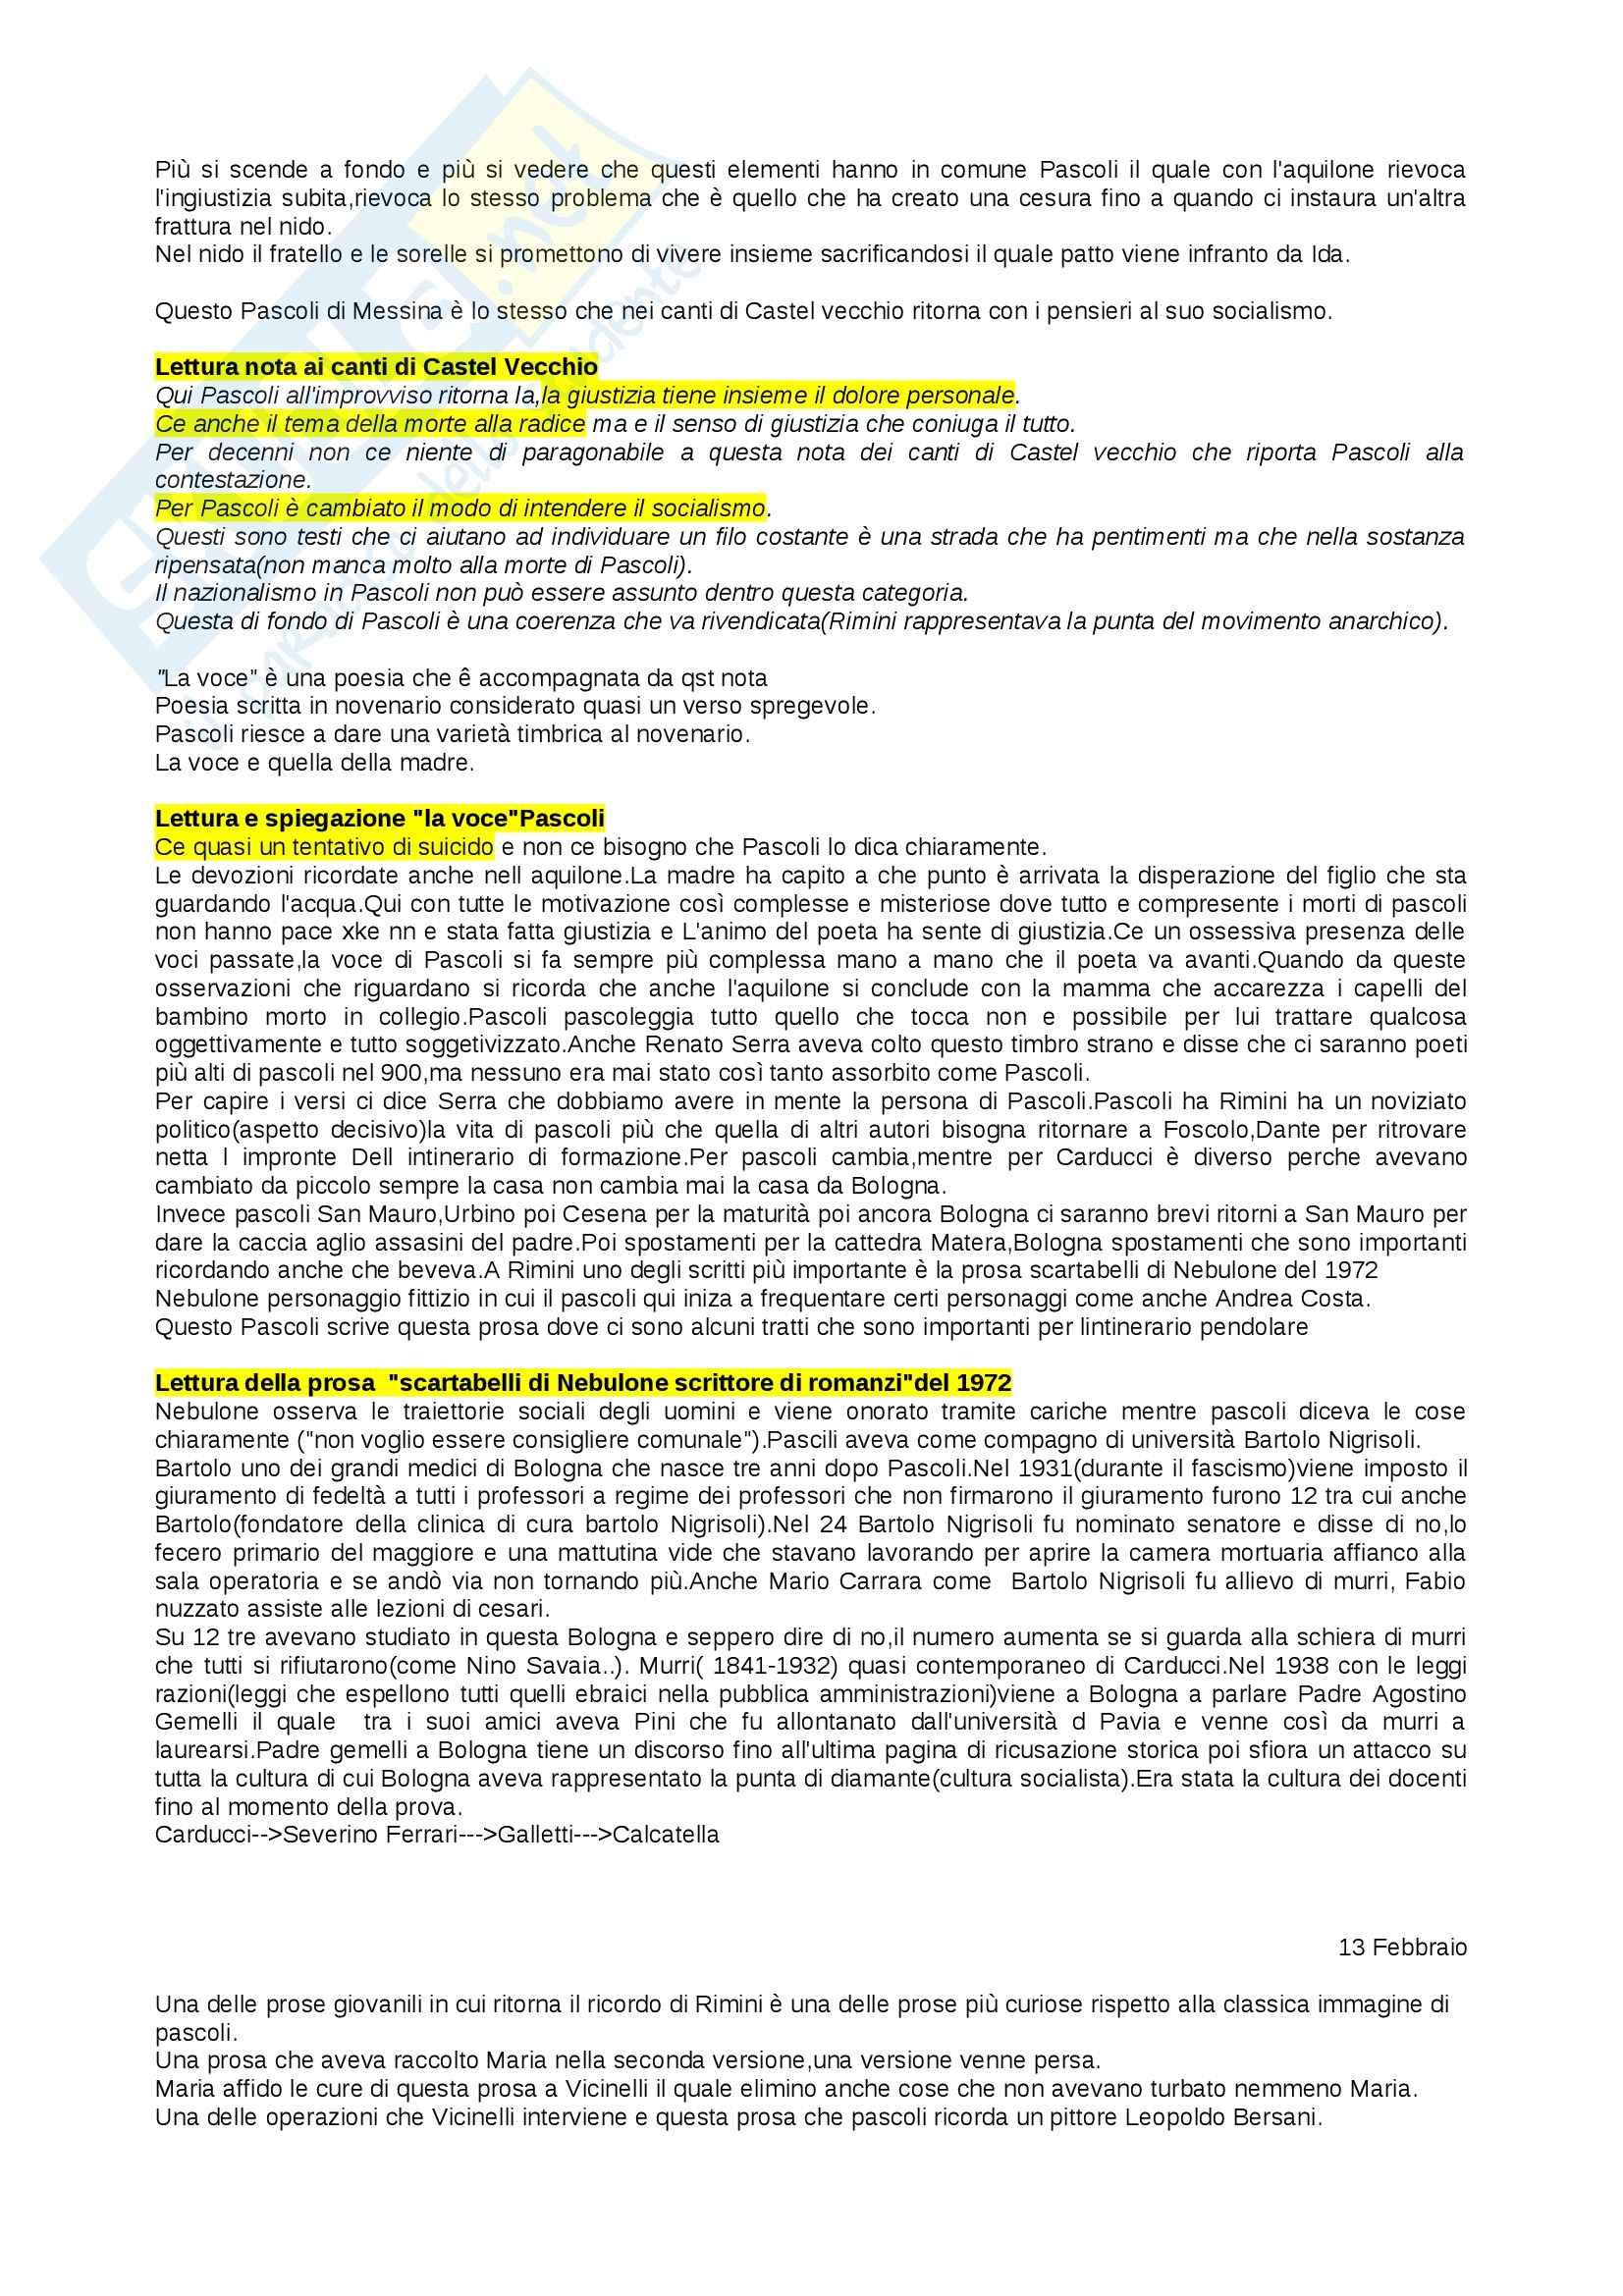 Lezioni, Letteratura italiana Pag. 11